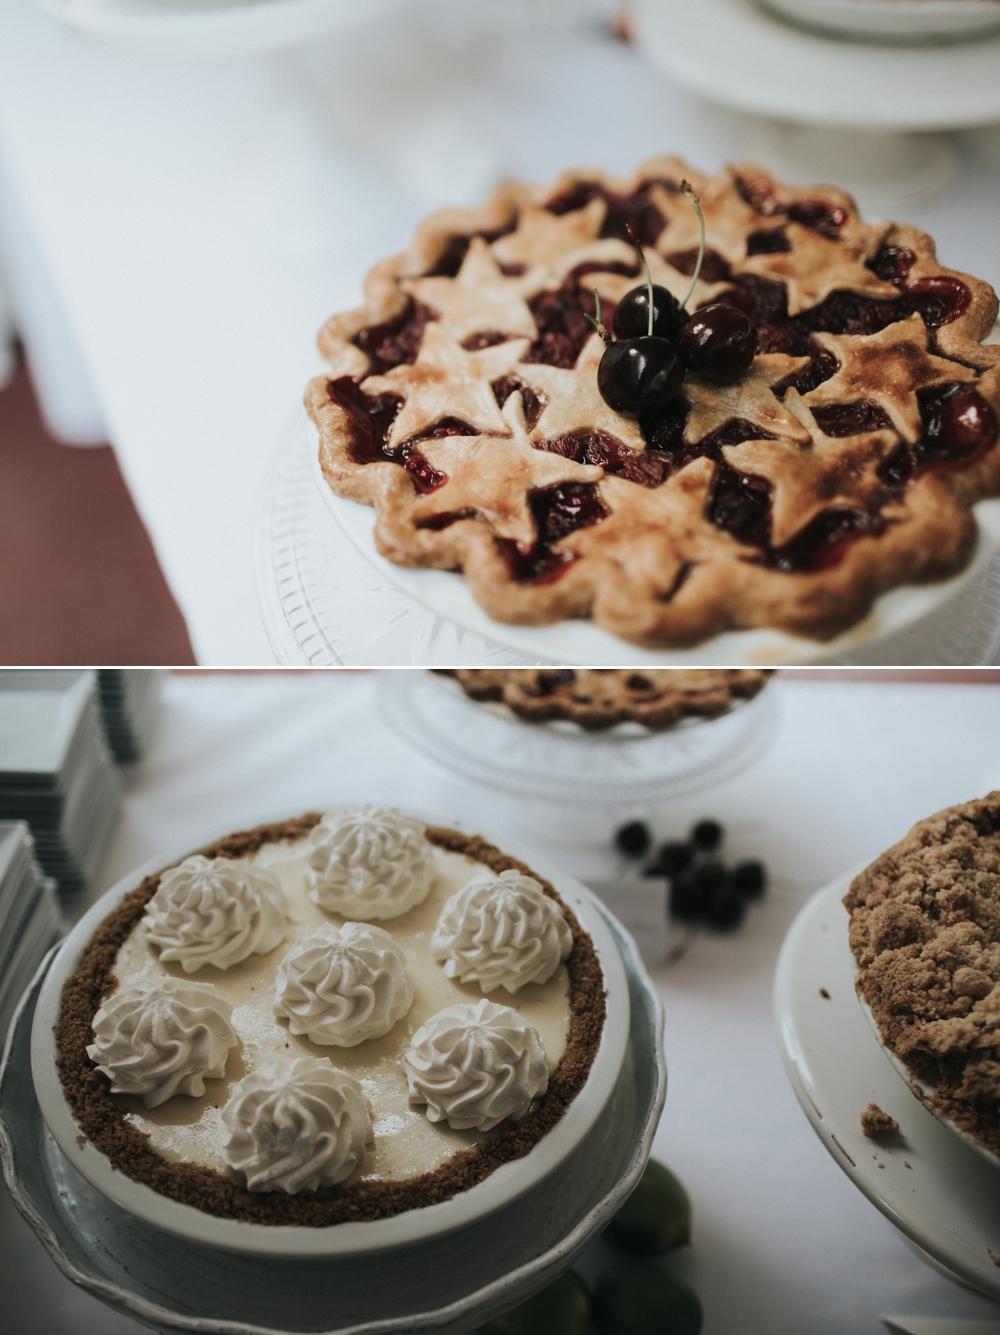 cherry-pie-with-stars-on-top-cream-pie